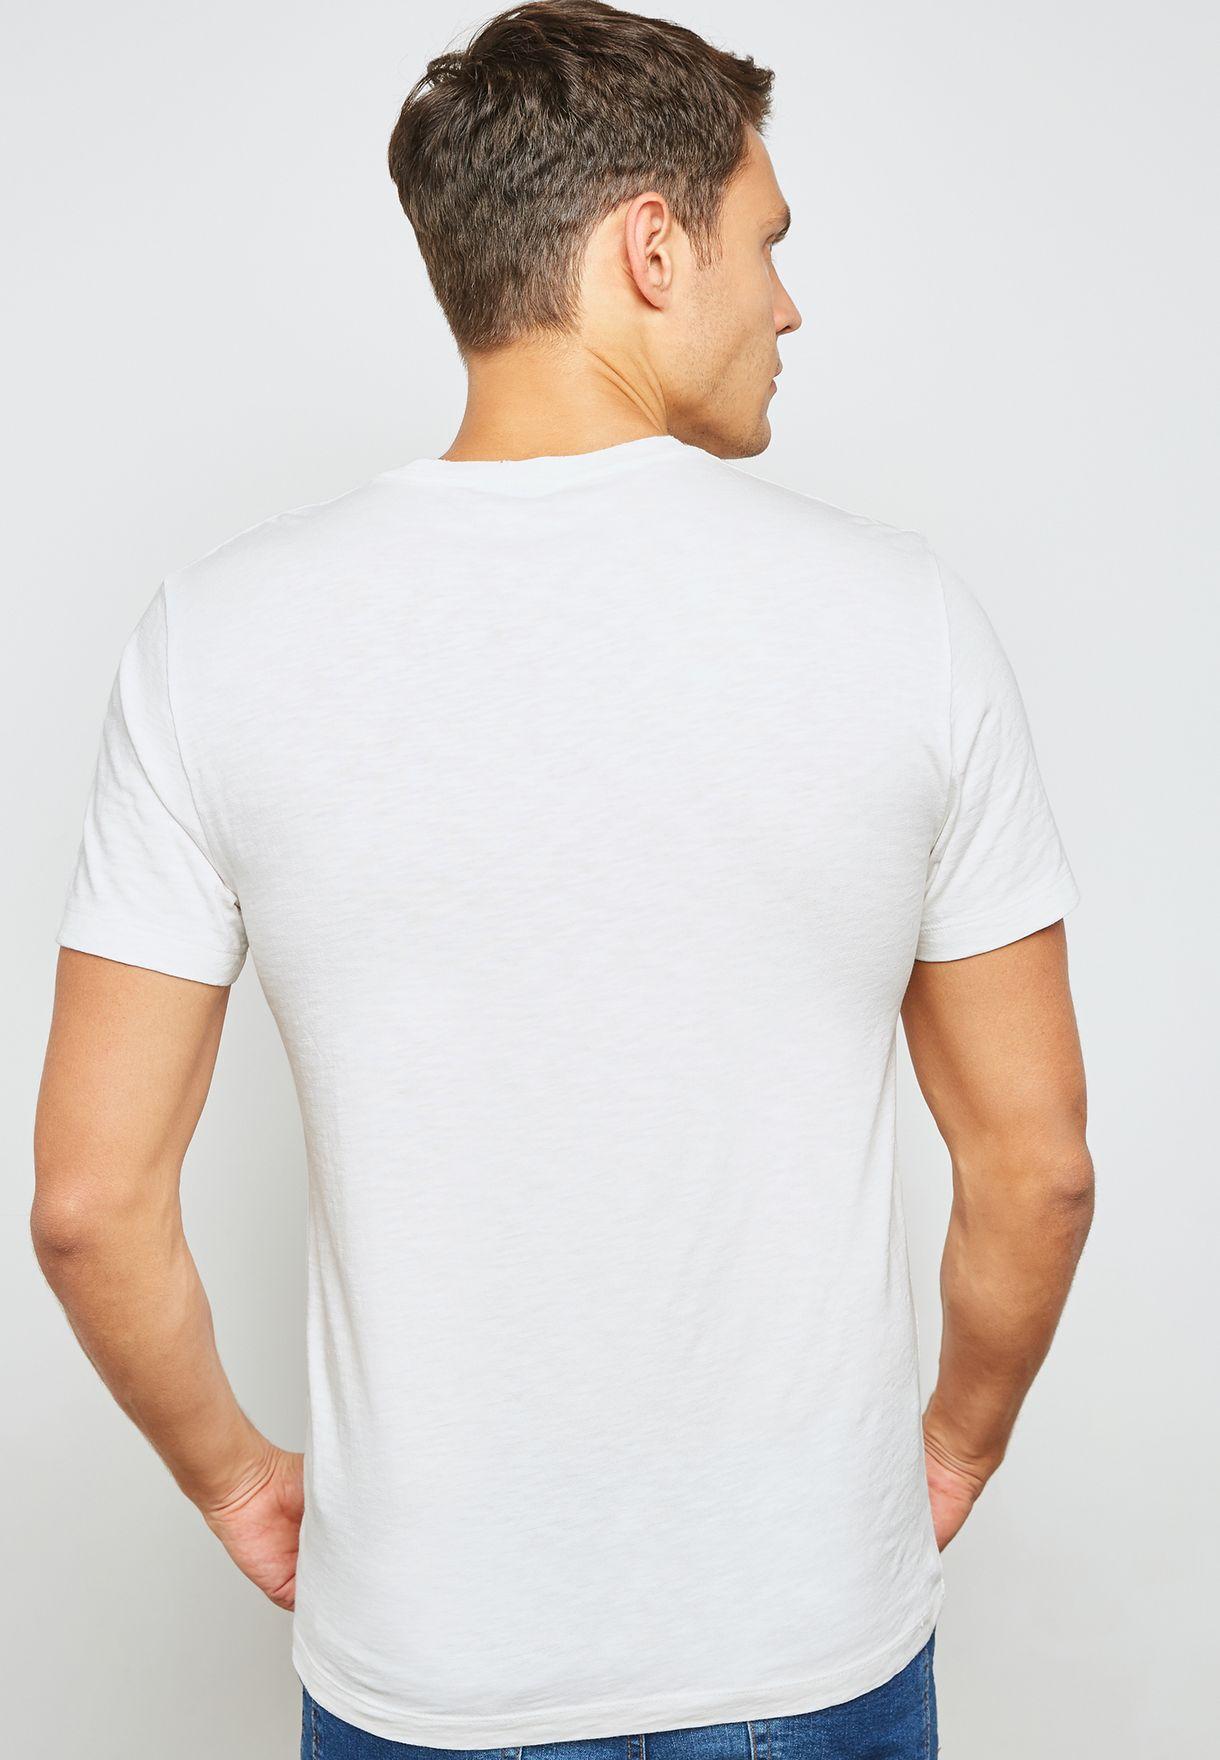 Catskill T-Shirt